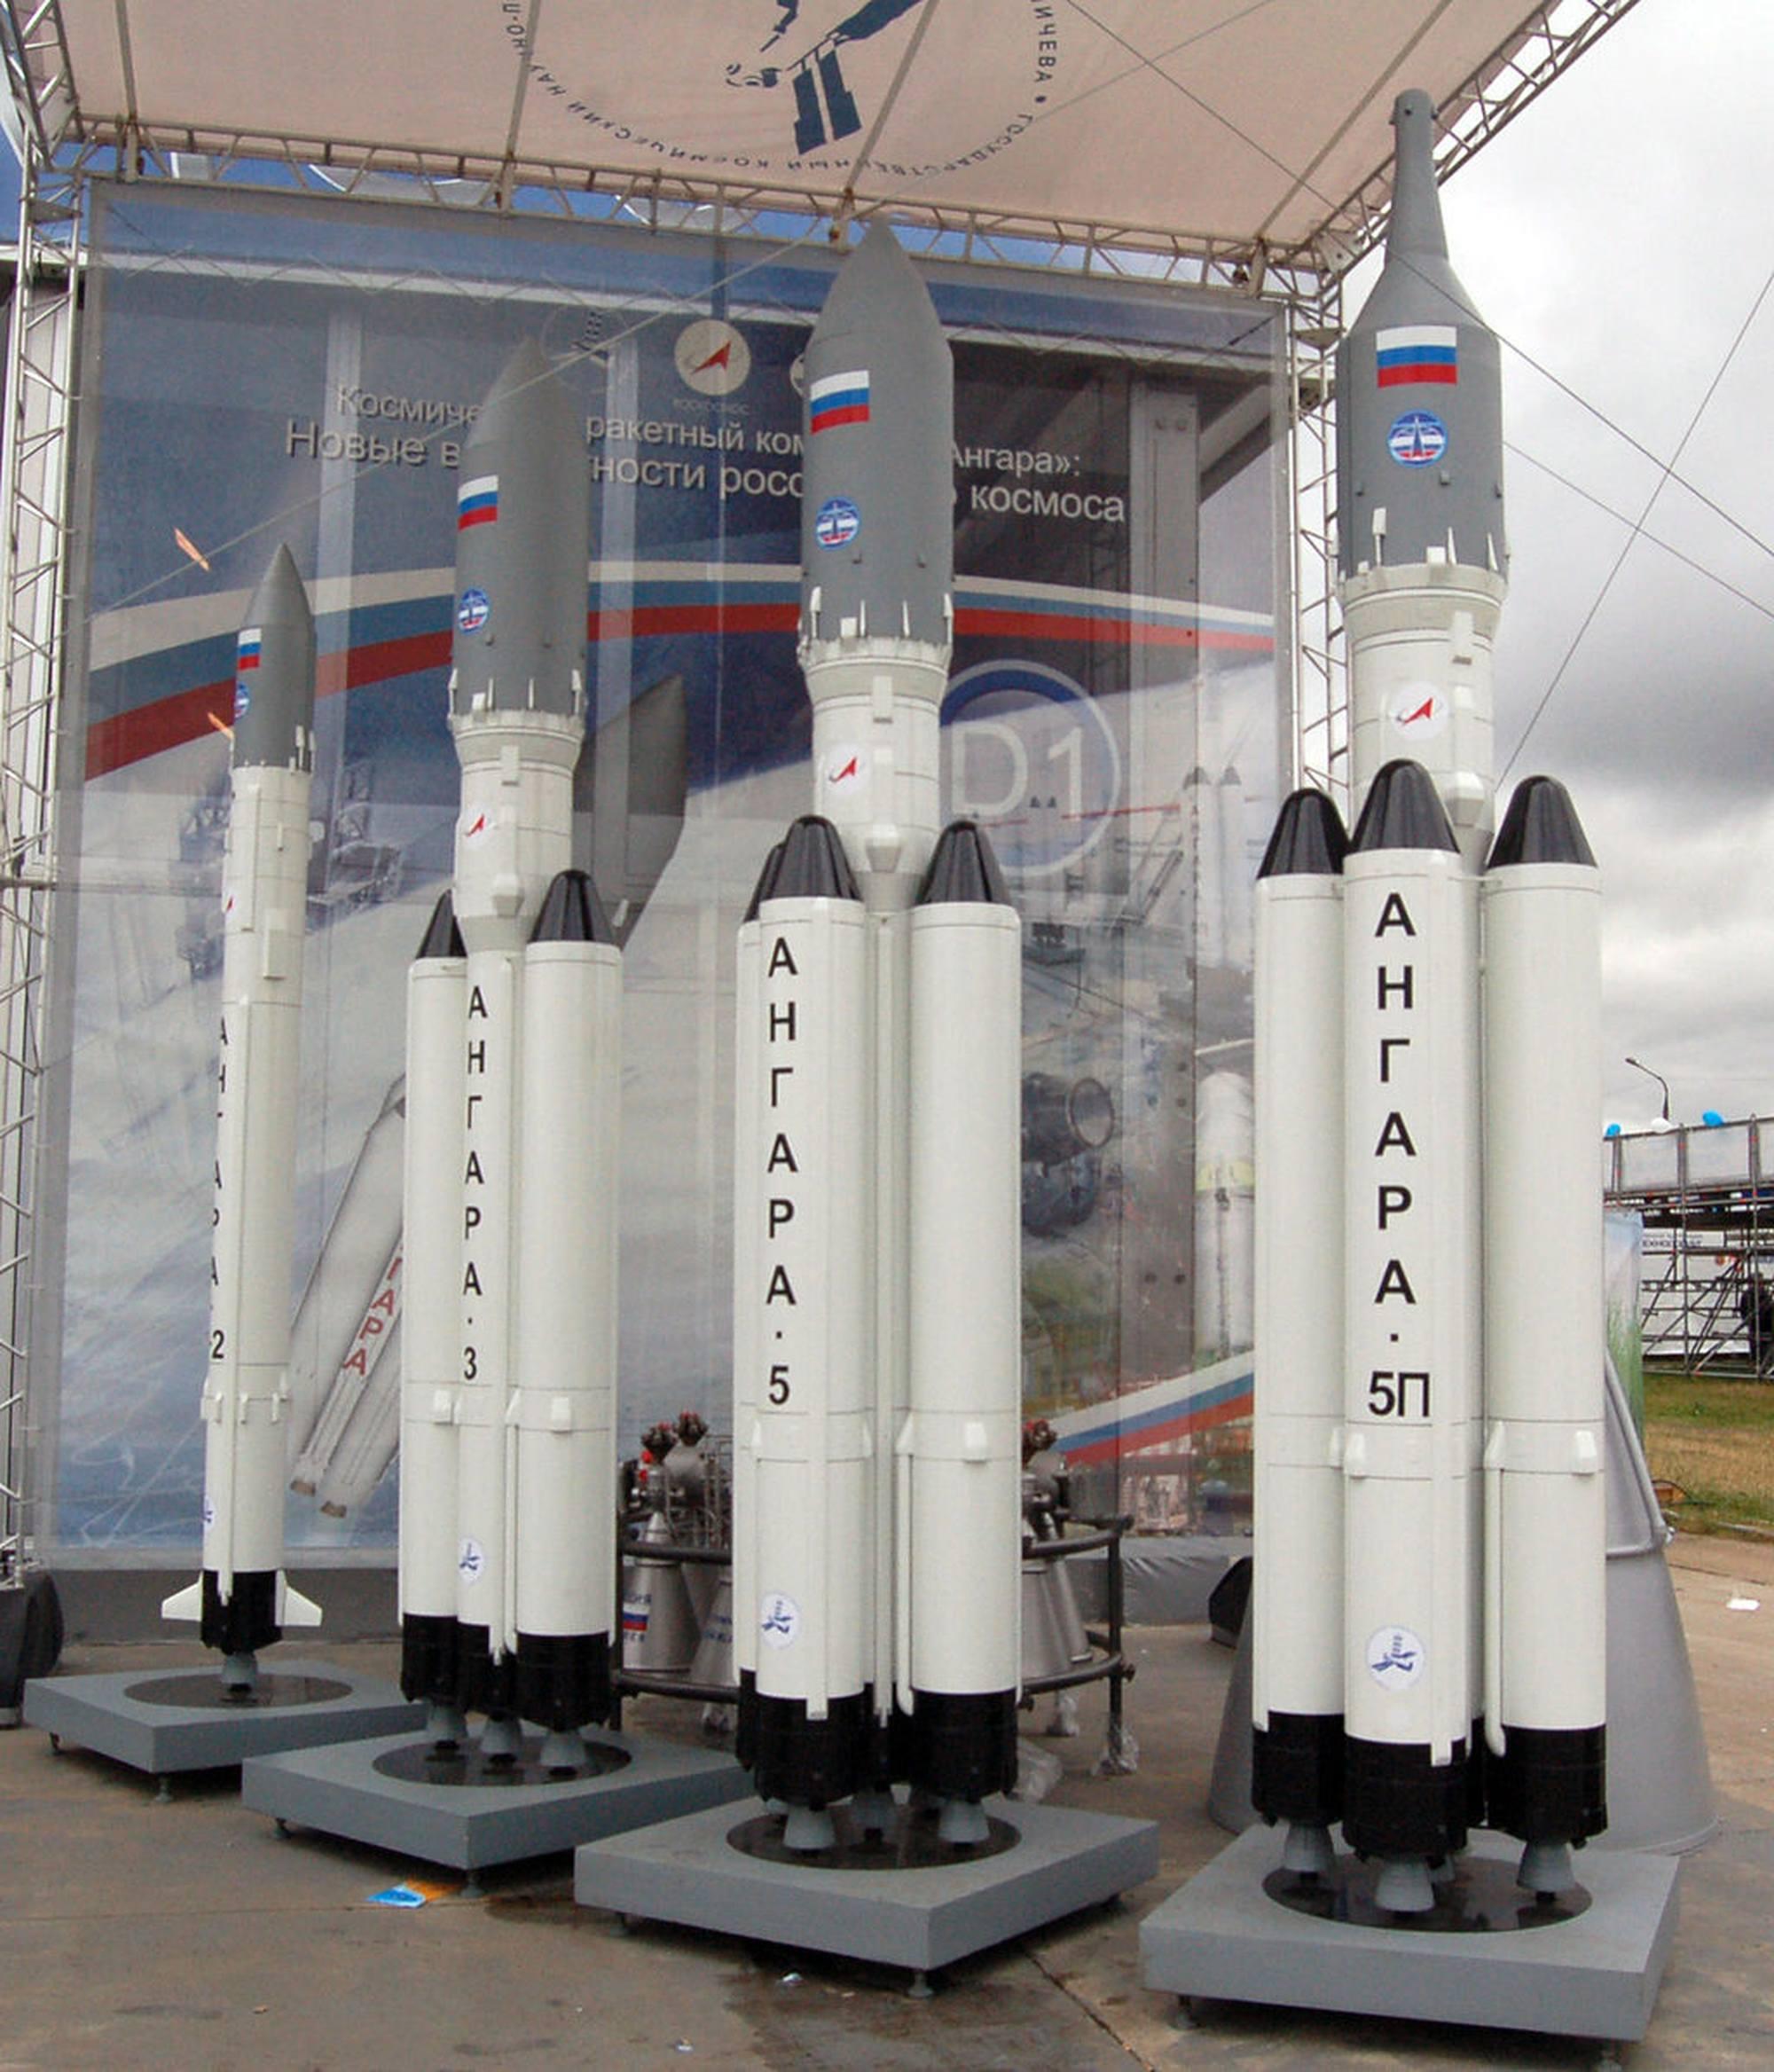 Différents modèles du lanceur Angara. L'Angara-A3 correspond au second modèle en partant de la gauche.